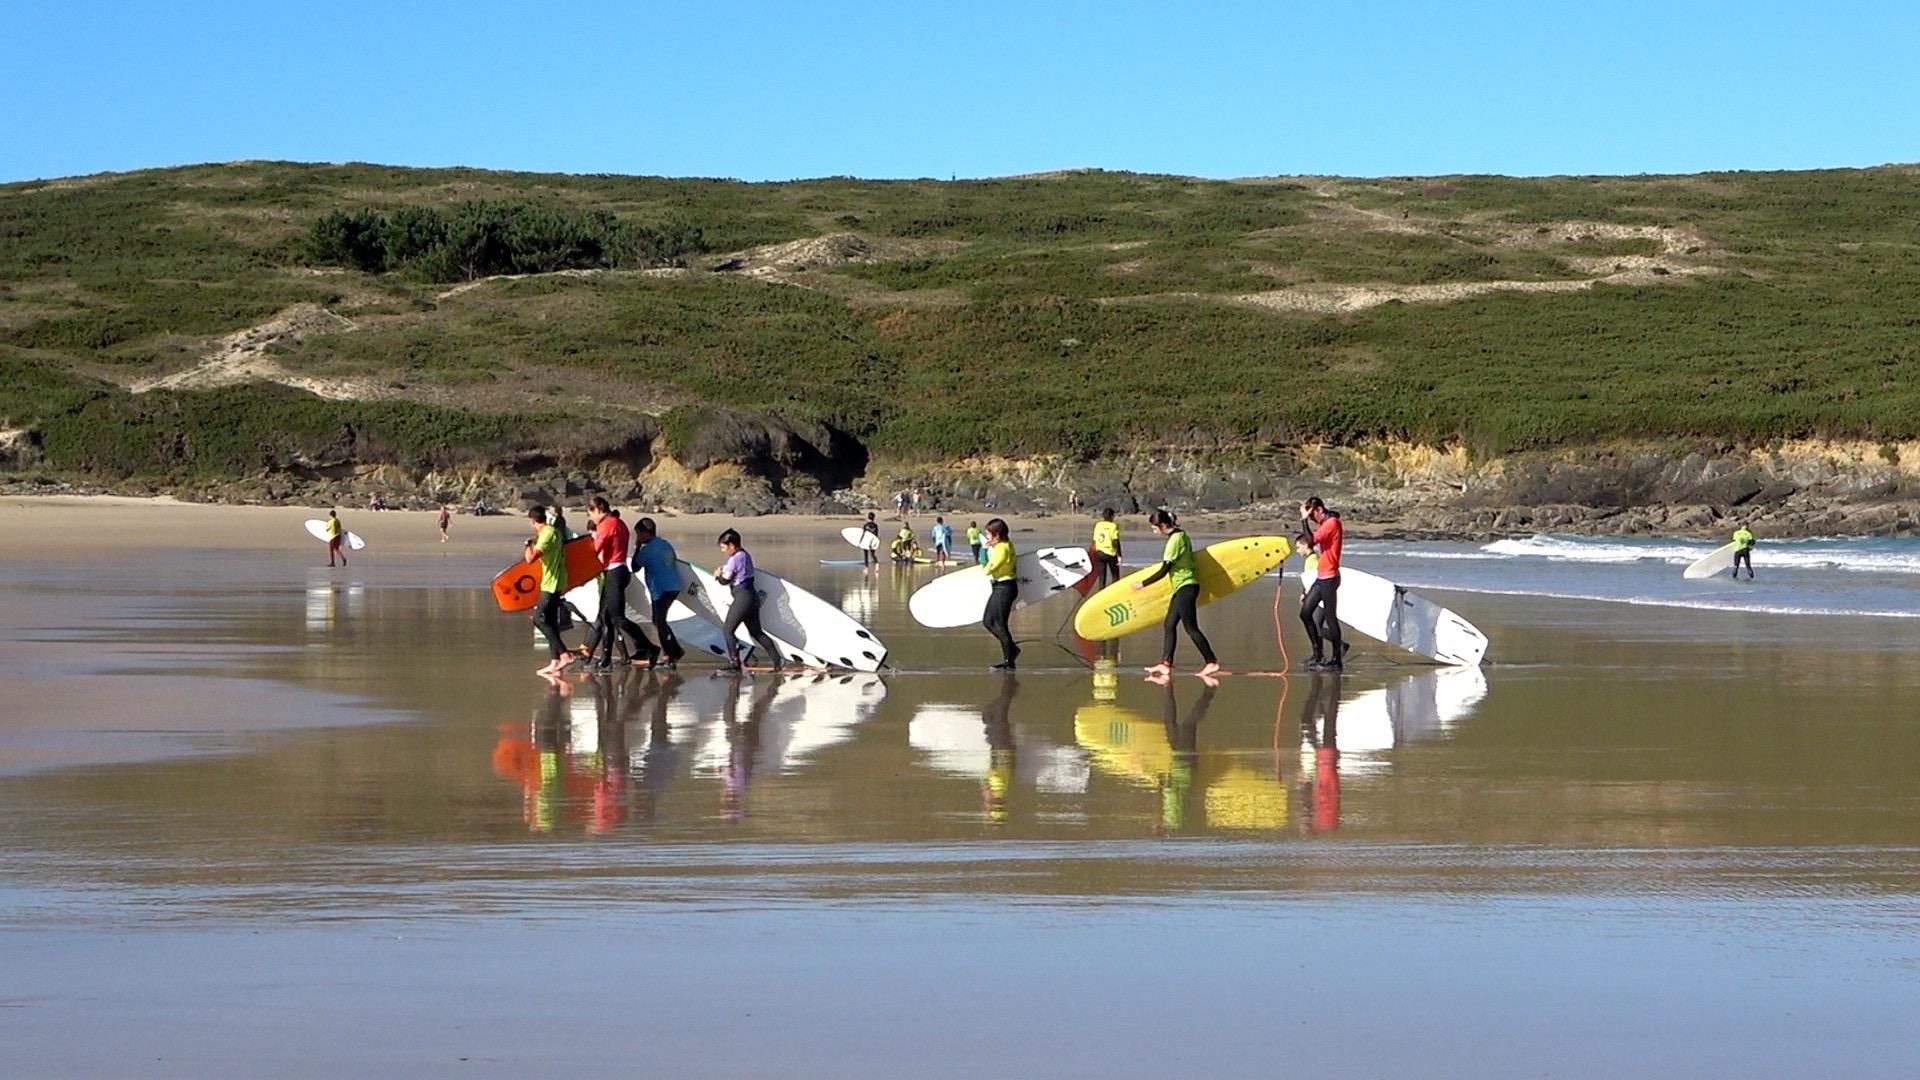 El surf en Ferrolterra se puede practicar durante todo el año gracias a los trajes de neopreno. En Galicia el agua está fría todo el año.